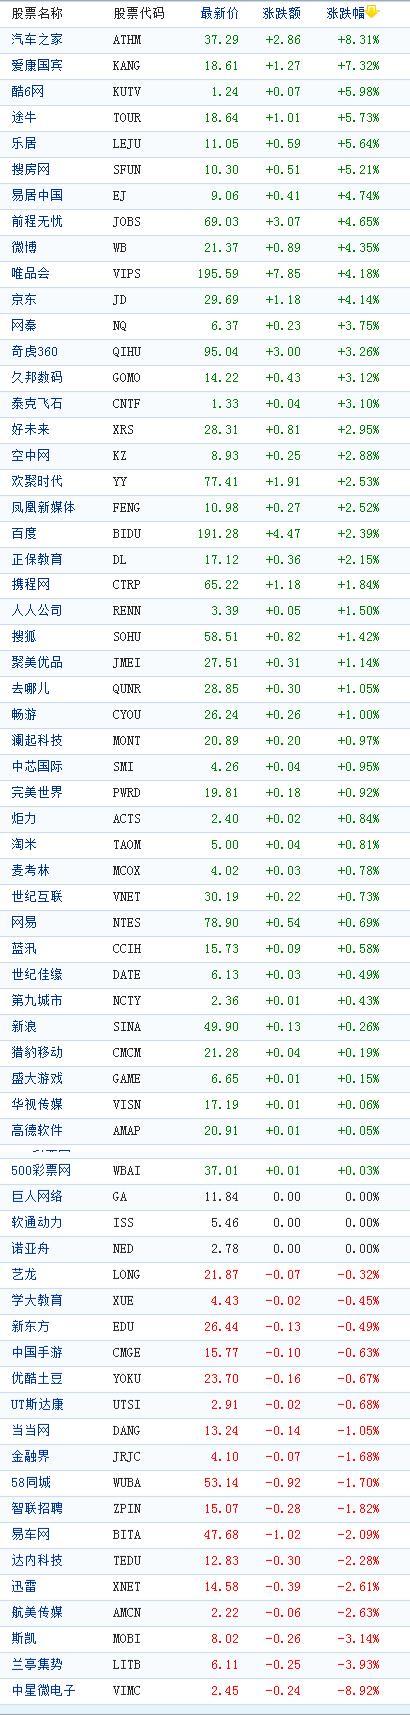 中国概念股周二收盘涨跌互现第九城市涨7%